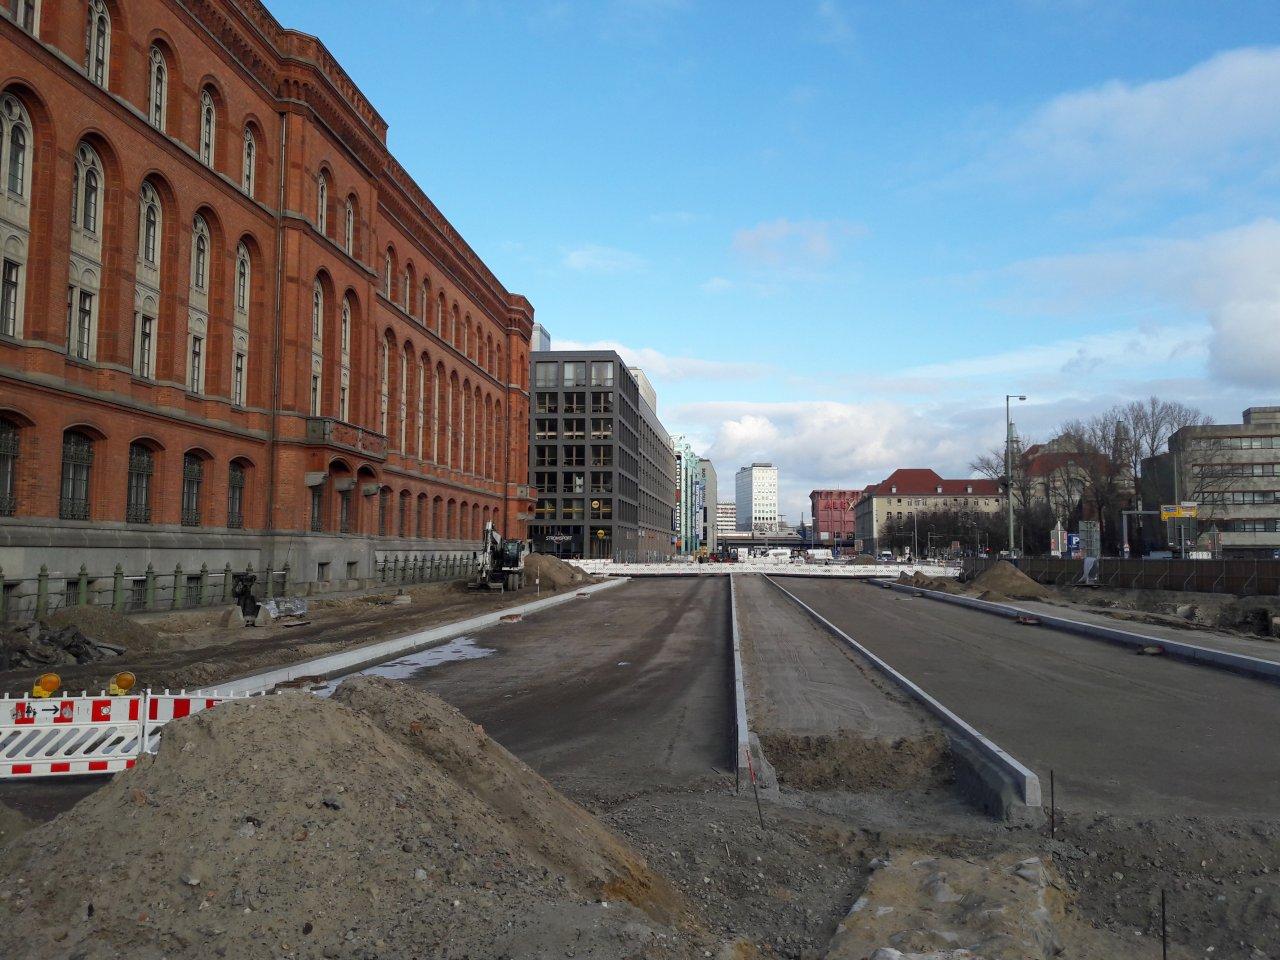 Neuer-Strassenverlauf-Rotes-Rathaus.jpg